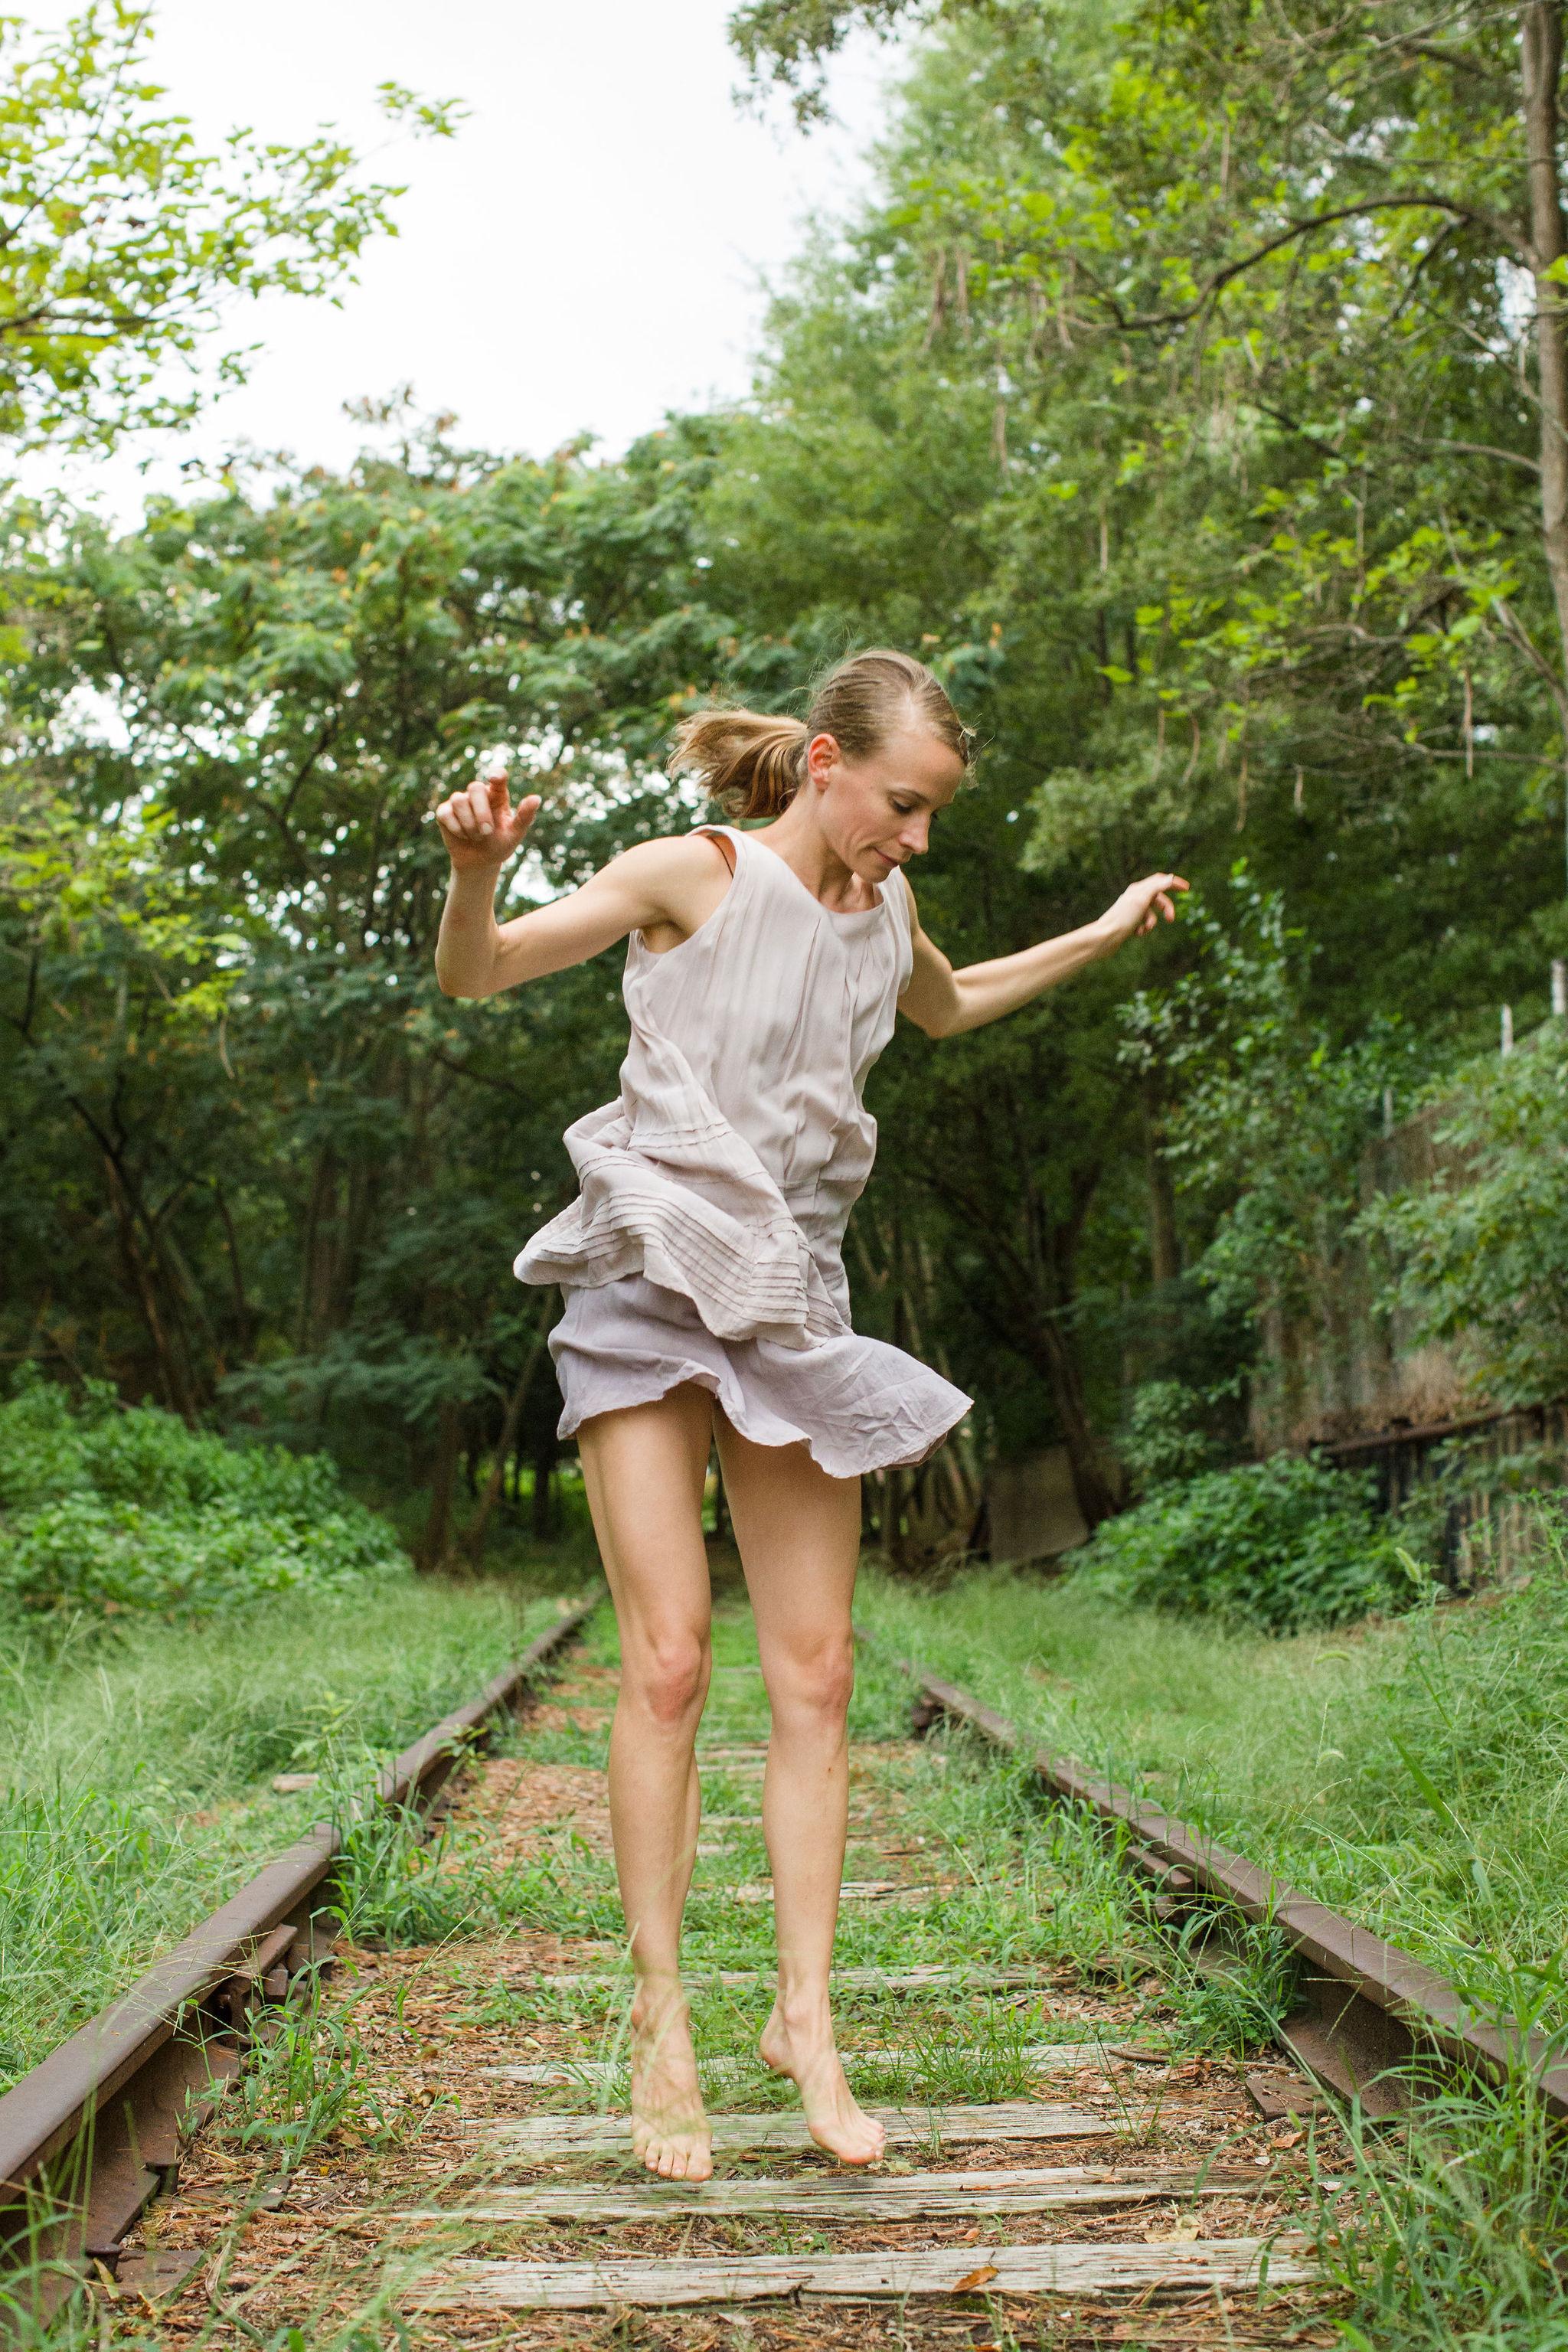 2019_08_22_kristin_railroad_durham_dances_SD1_2283.jpg